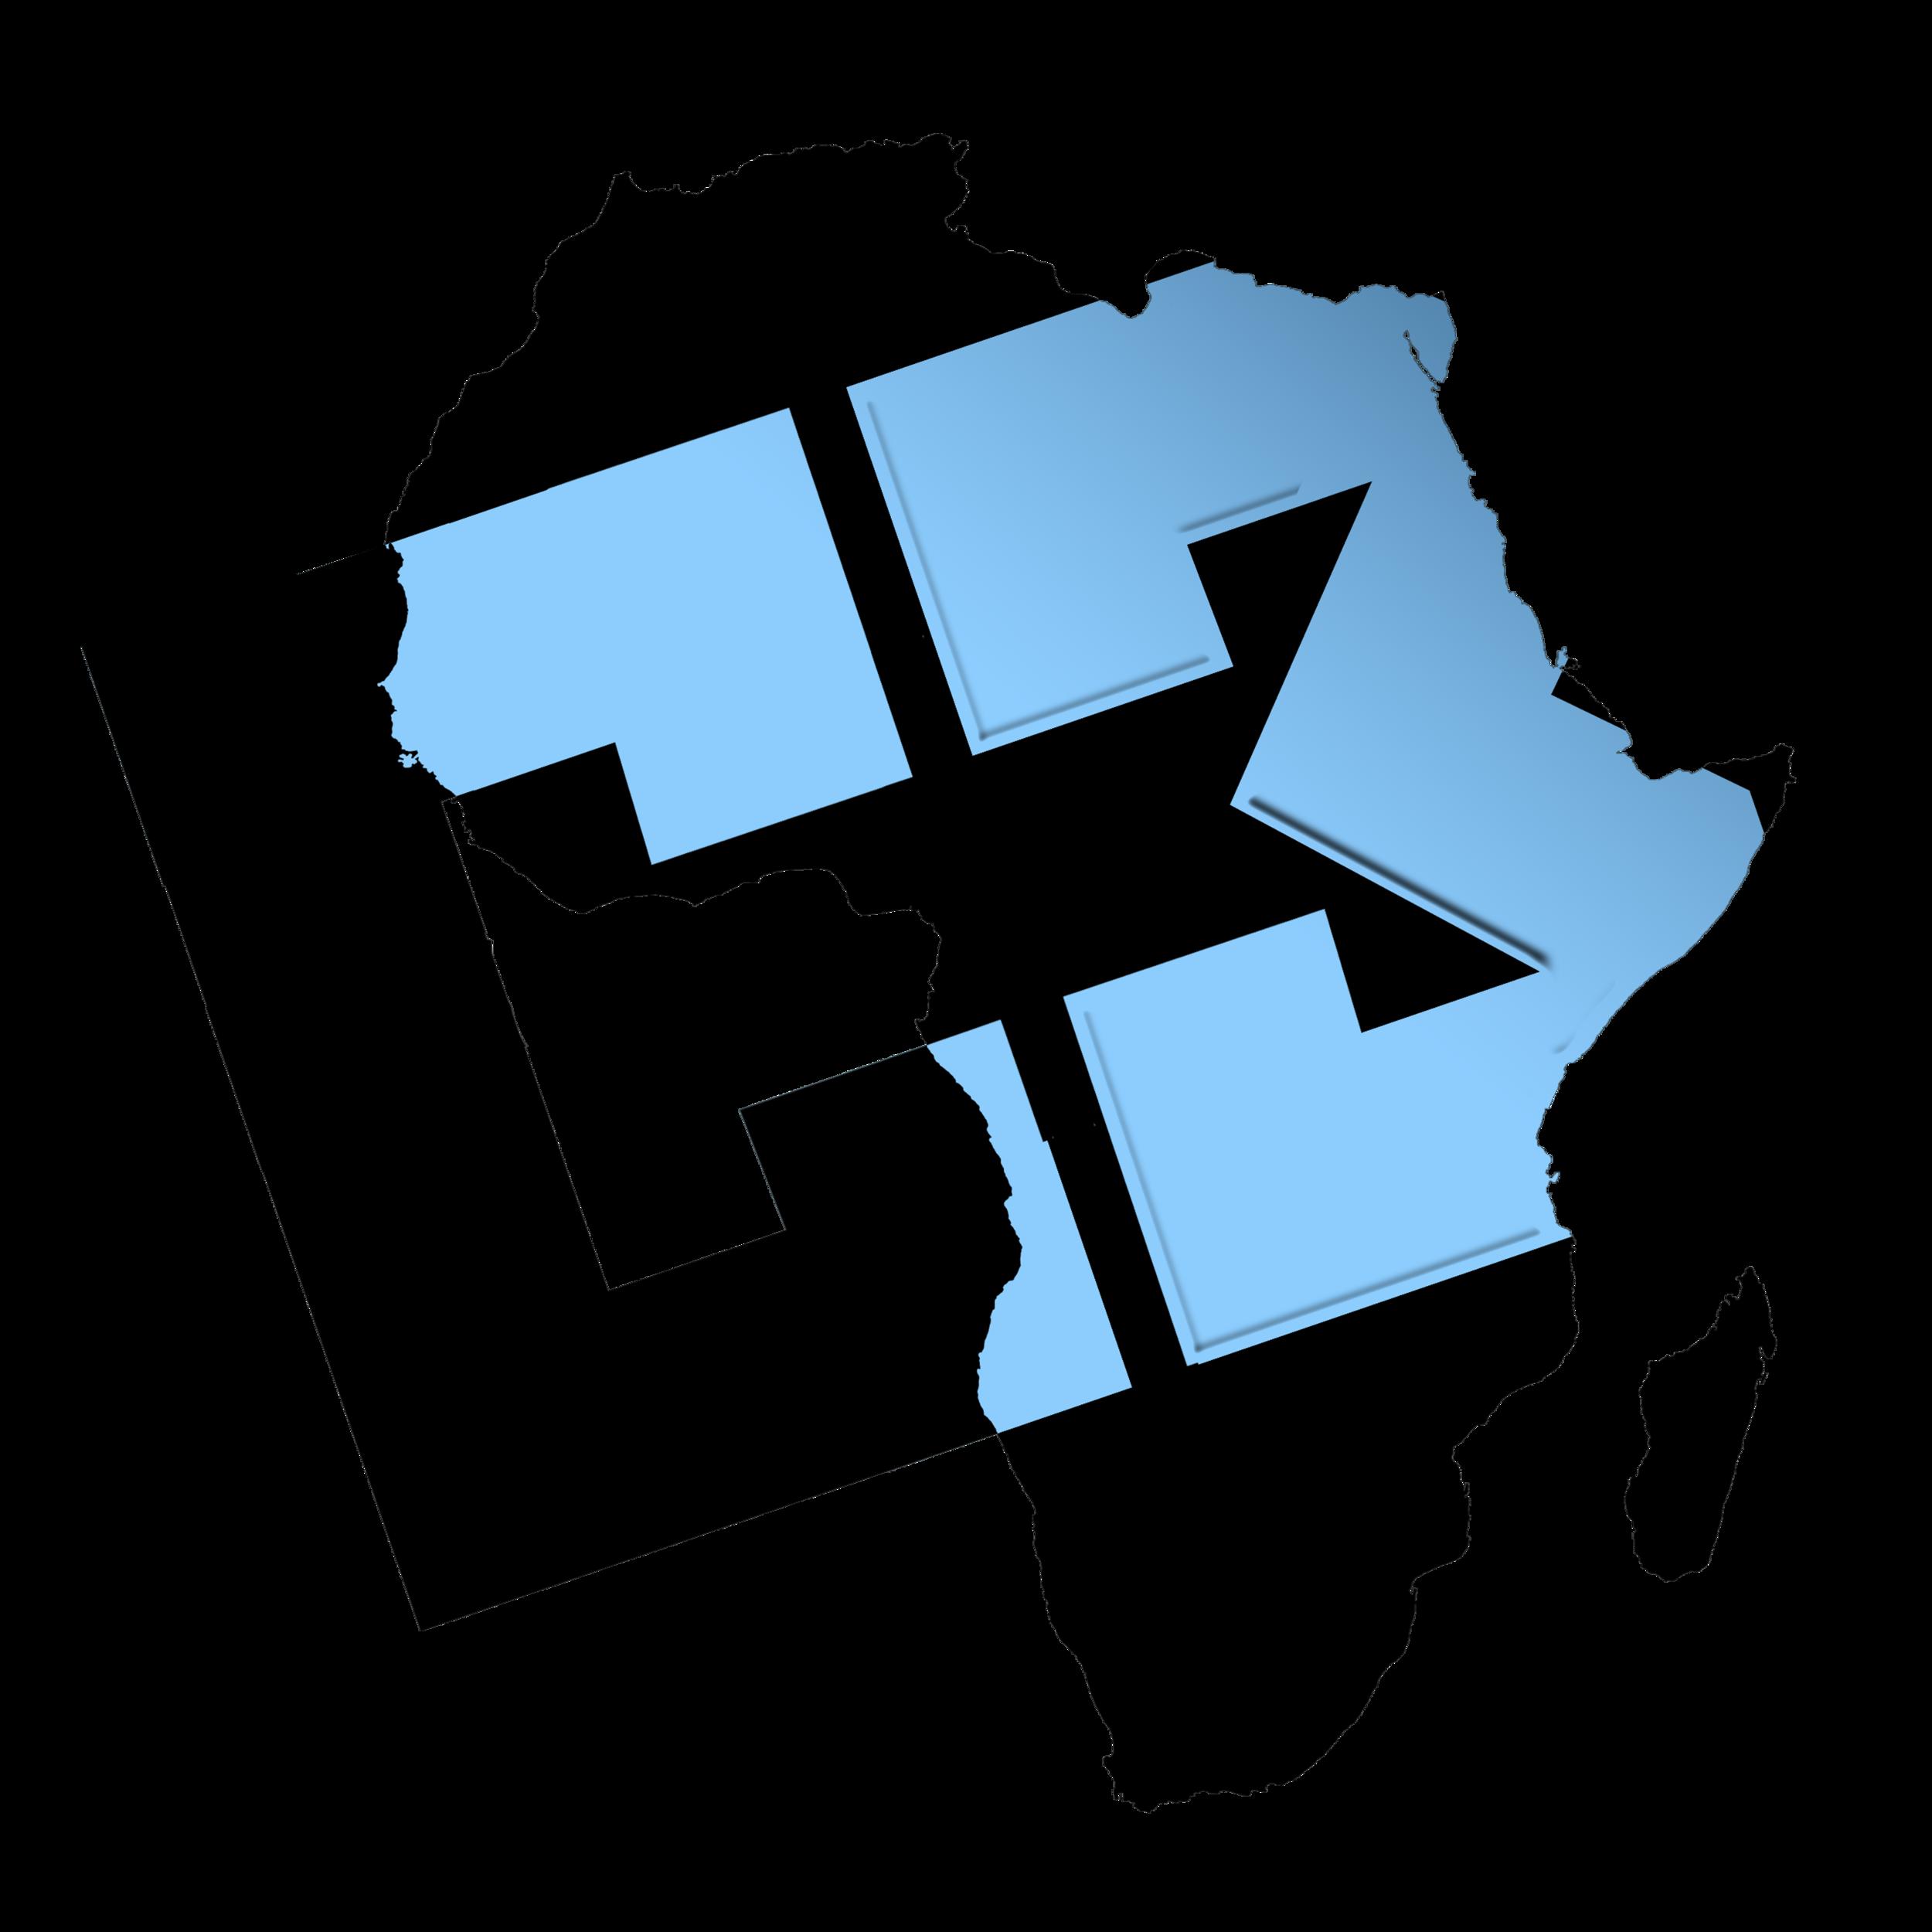 c3 logo.png